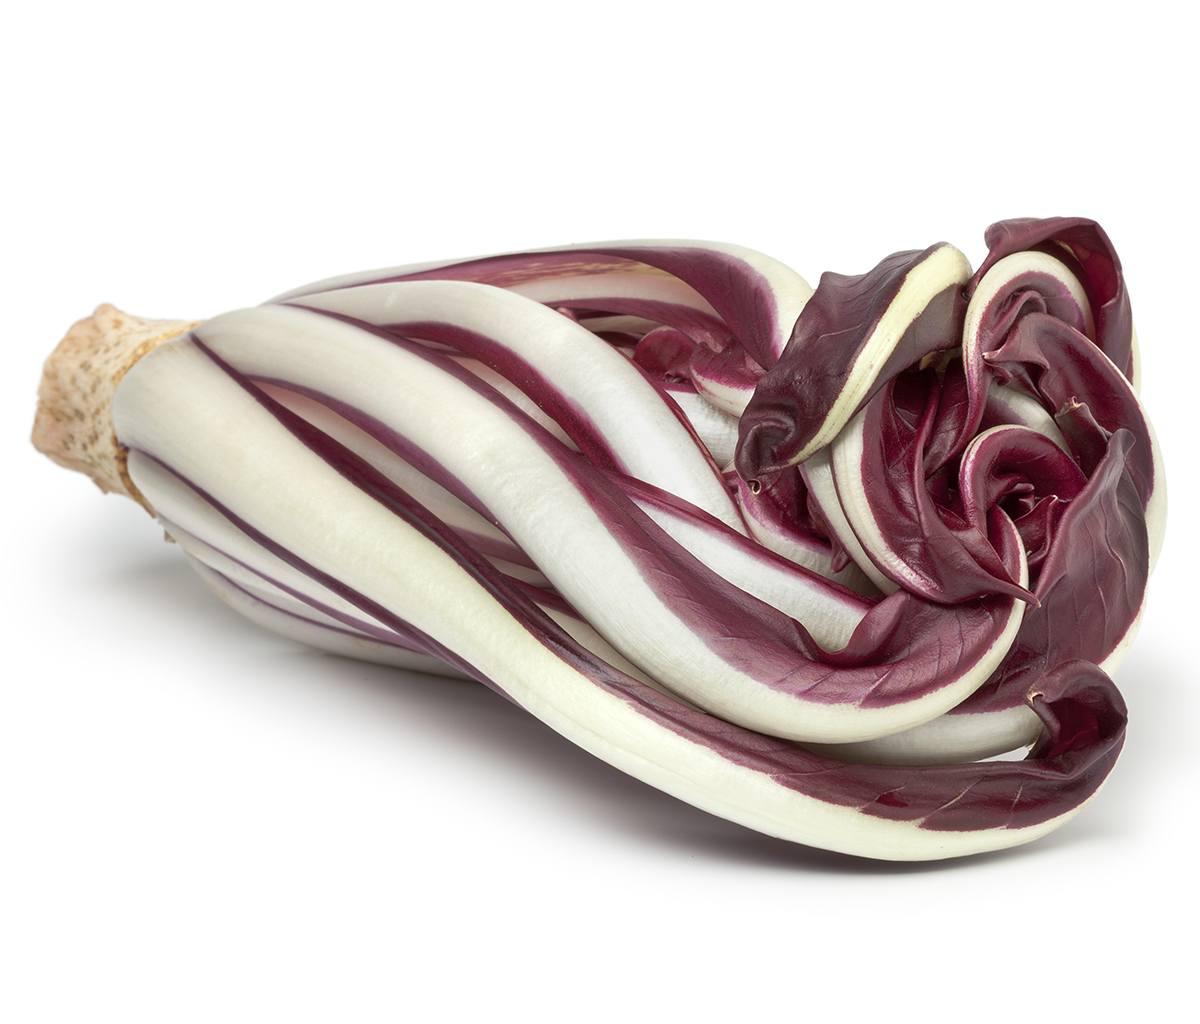 Nutrizione sana blog il radicchio rosso e le sue propriet - Inulina in cucina ...